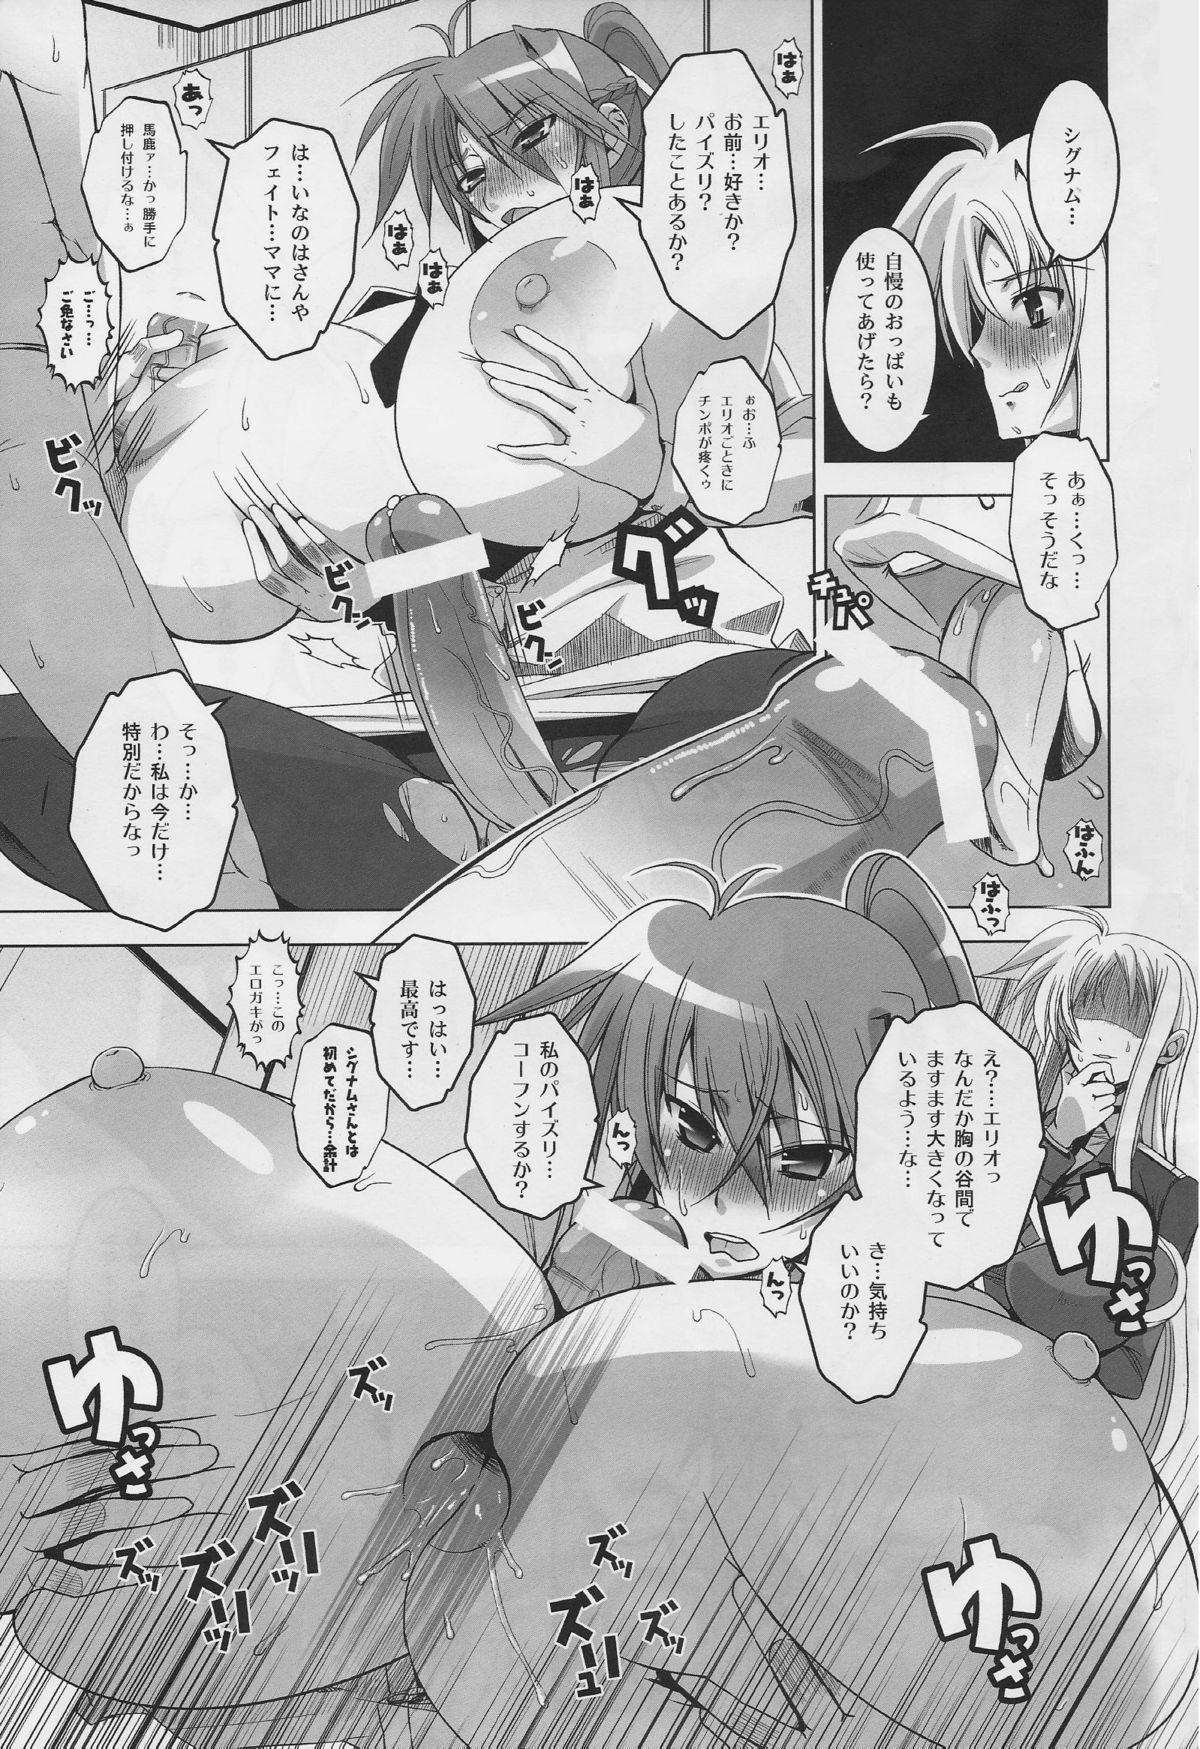 (C78) [HGH (HG Chagawa)] PG -PLEATED GUNNER- #21 - Senshi to Senshi to Otokonoko (Mahou Shoujo Lyrical Nanoha) 3